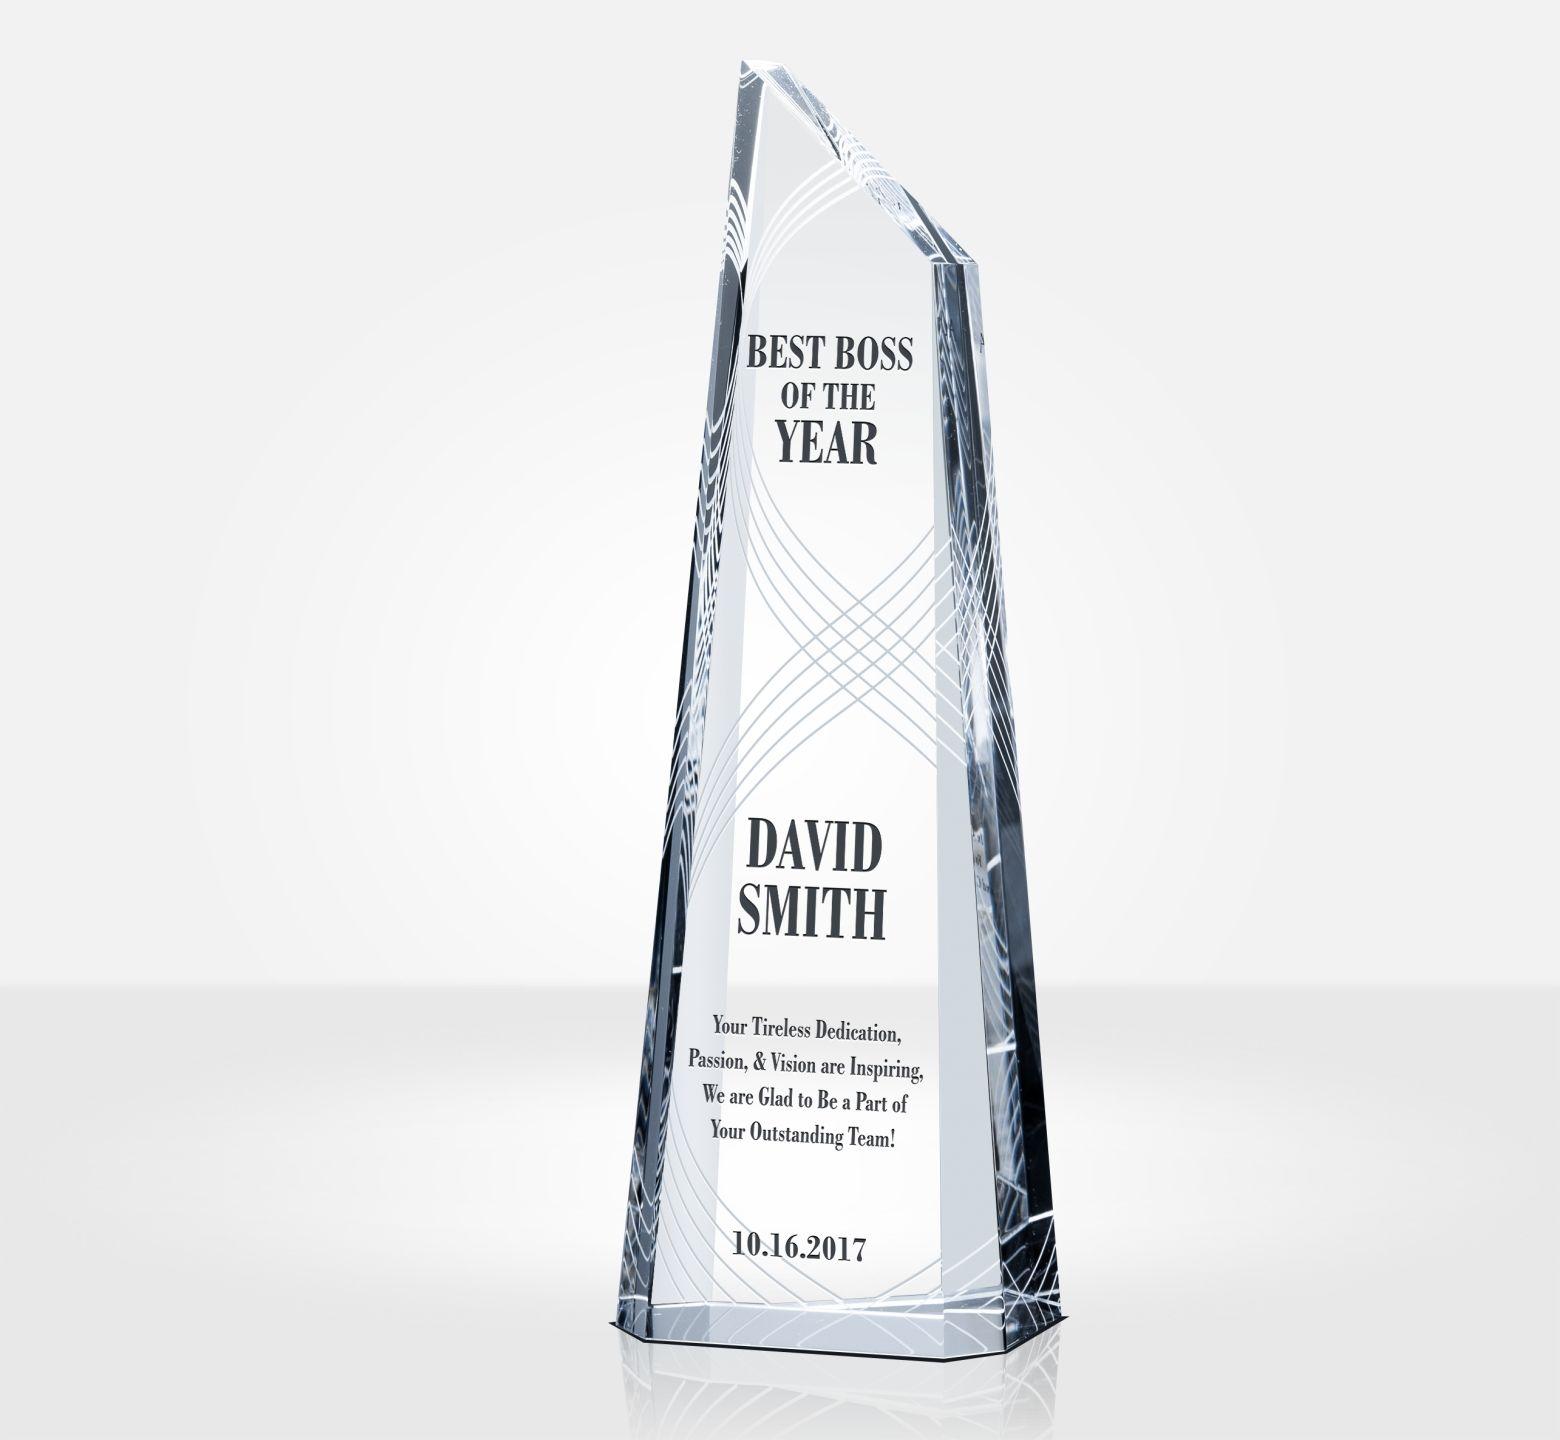 Best Boss Award Plaque Diy Awards